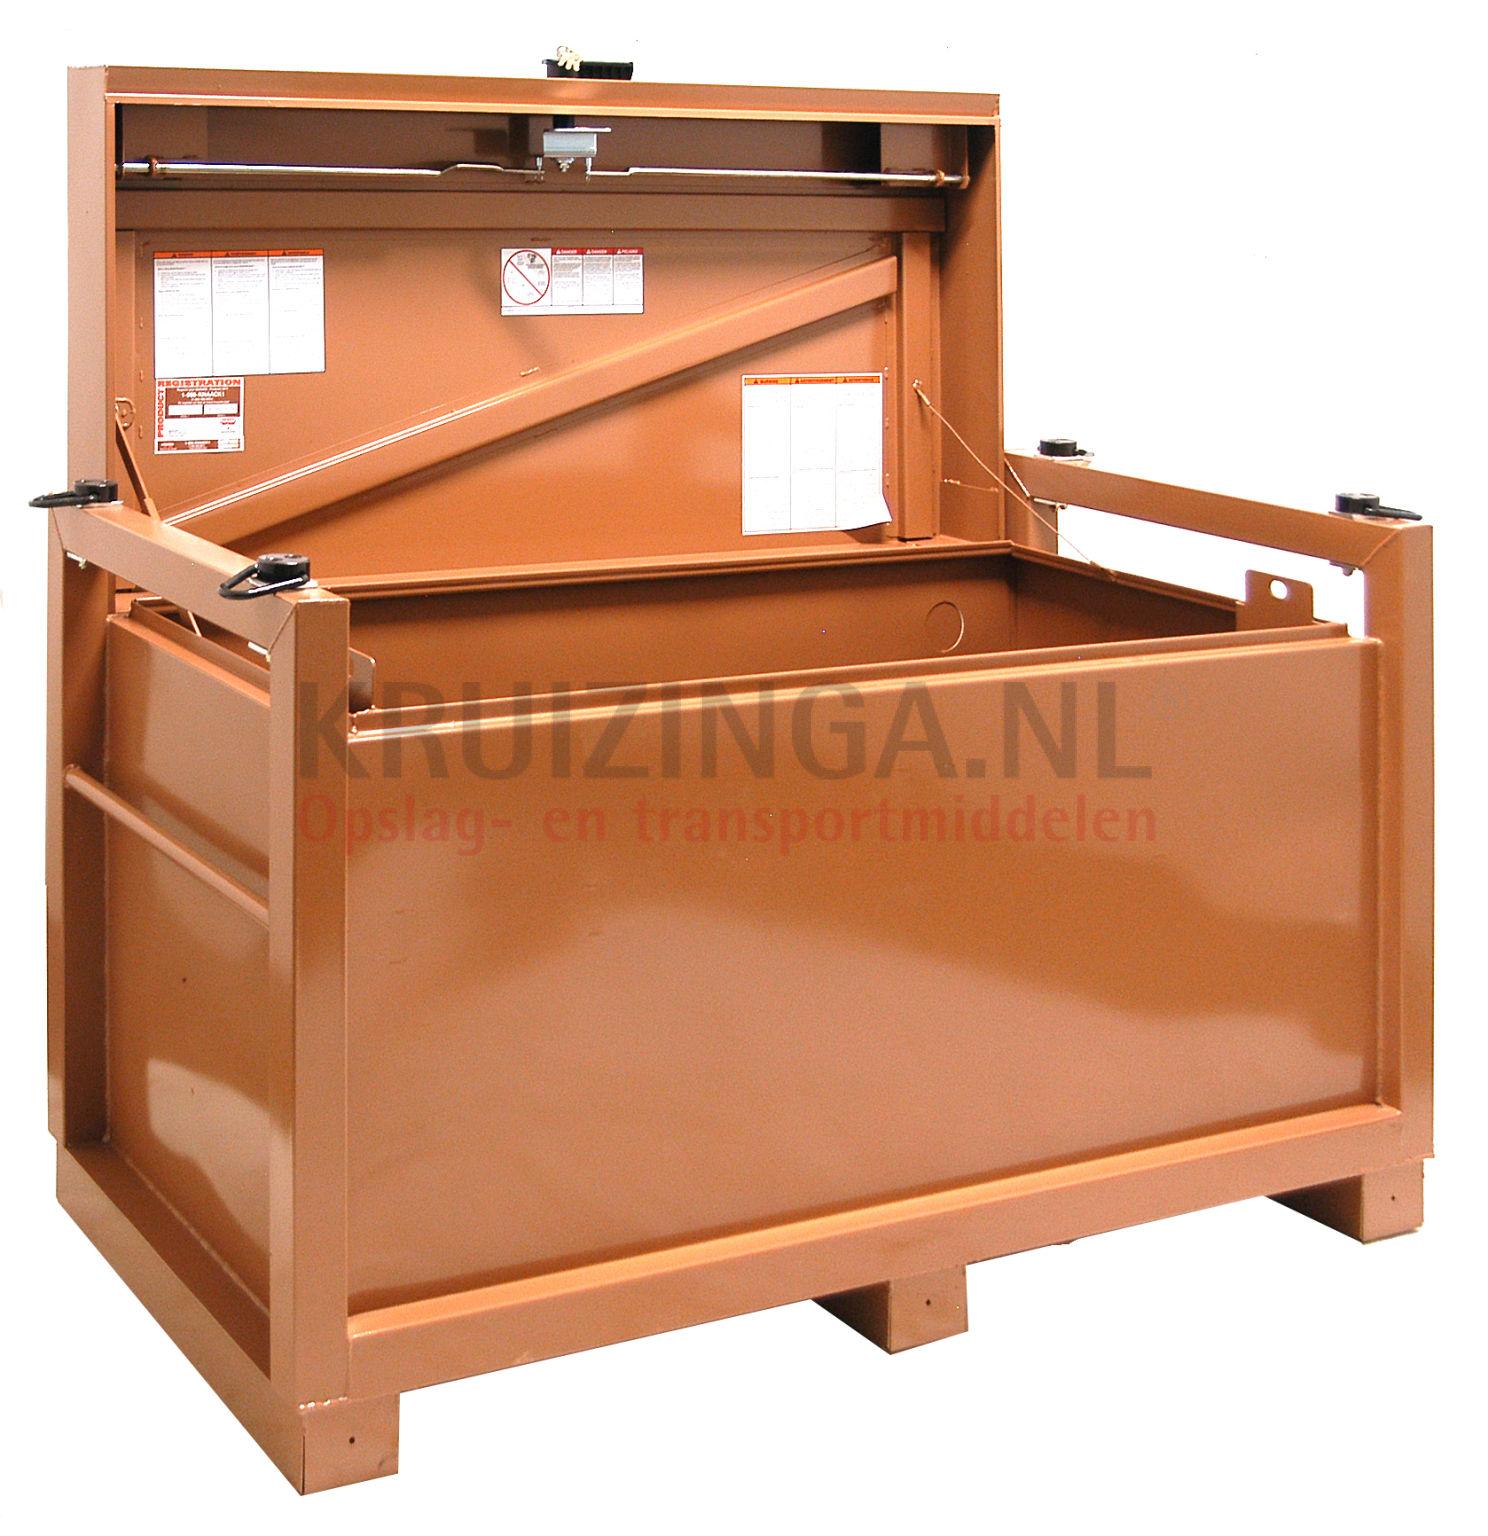 sicherheitsbox werkzeug sicherungs box mit kran sen ab 2636 50 frei haus. Black Bedroom Furniture Sets. Home Design Ideas